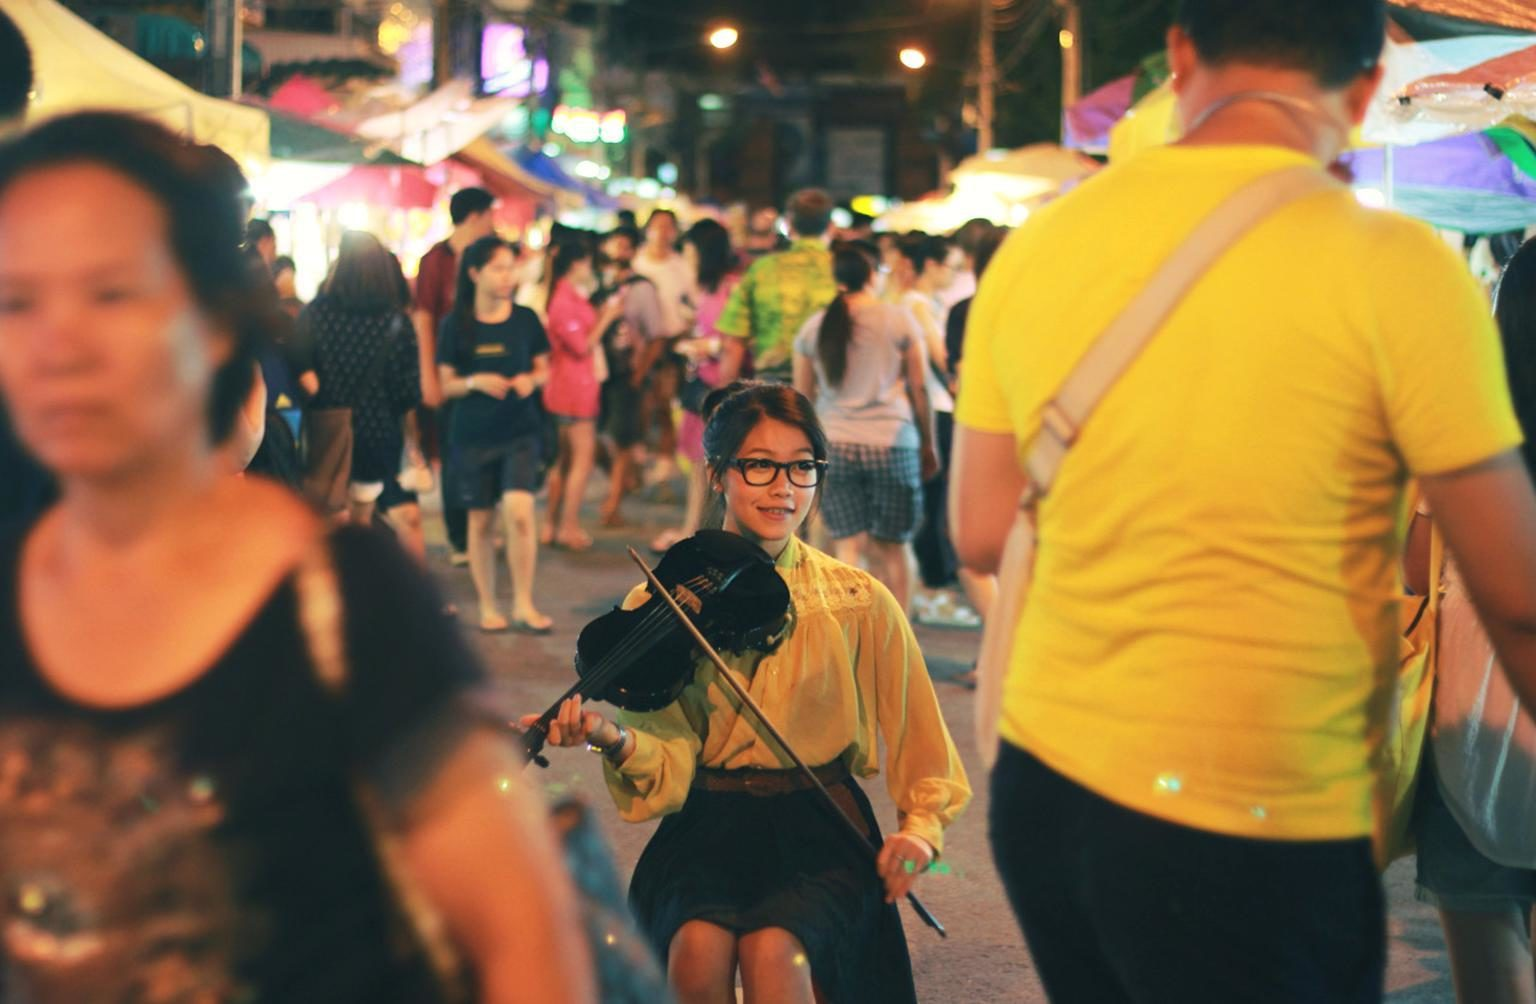 photographie d'une scène de rue avec une jeune violoniste